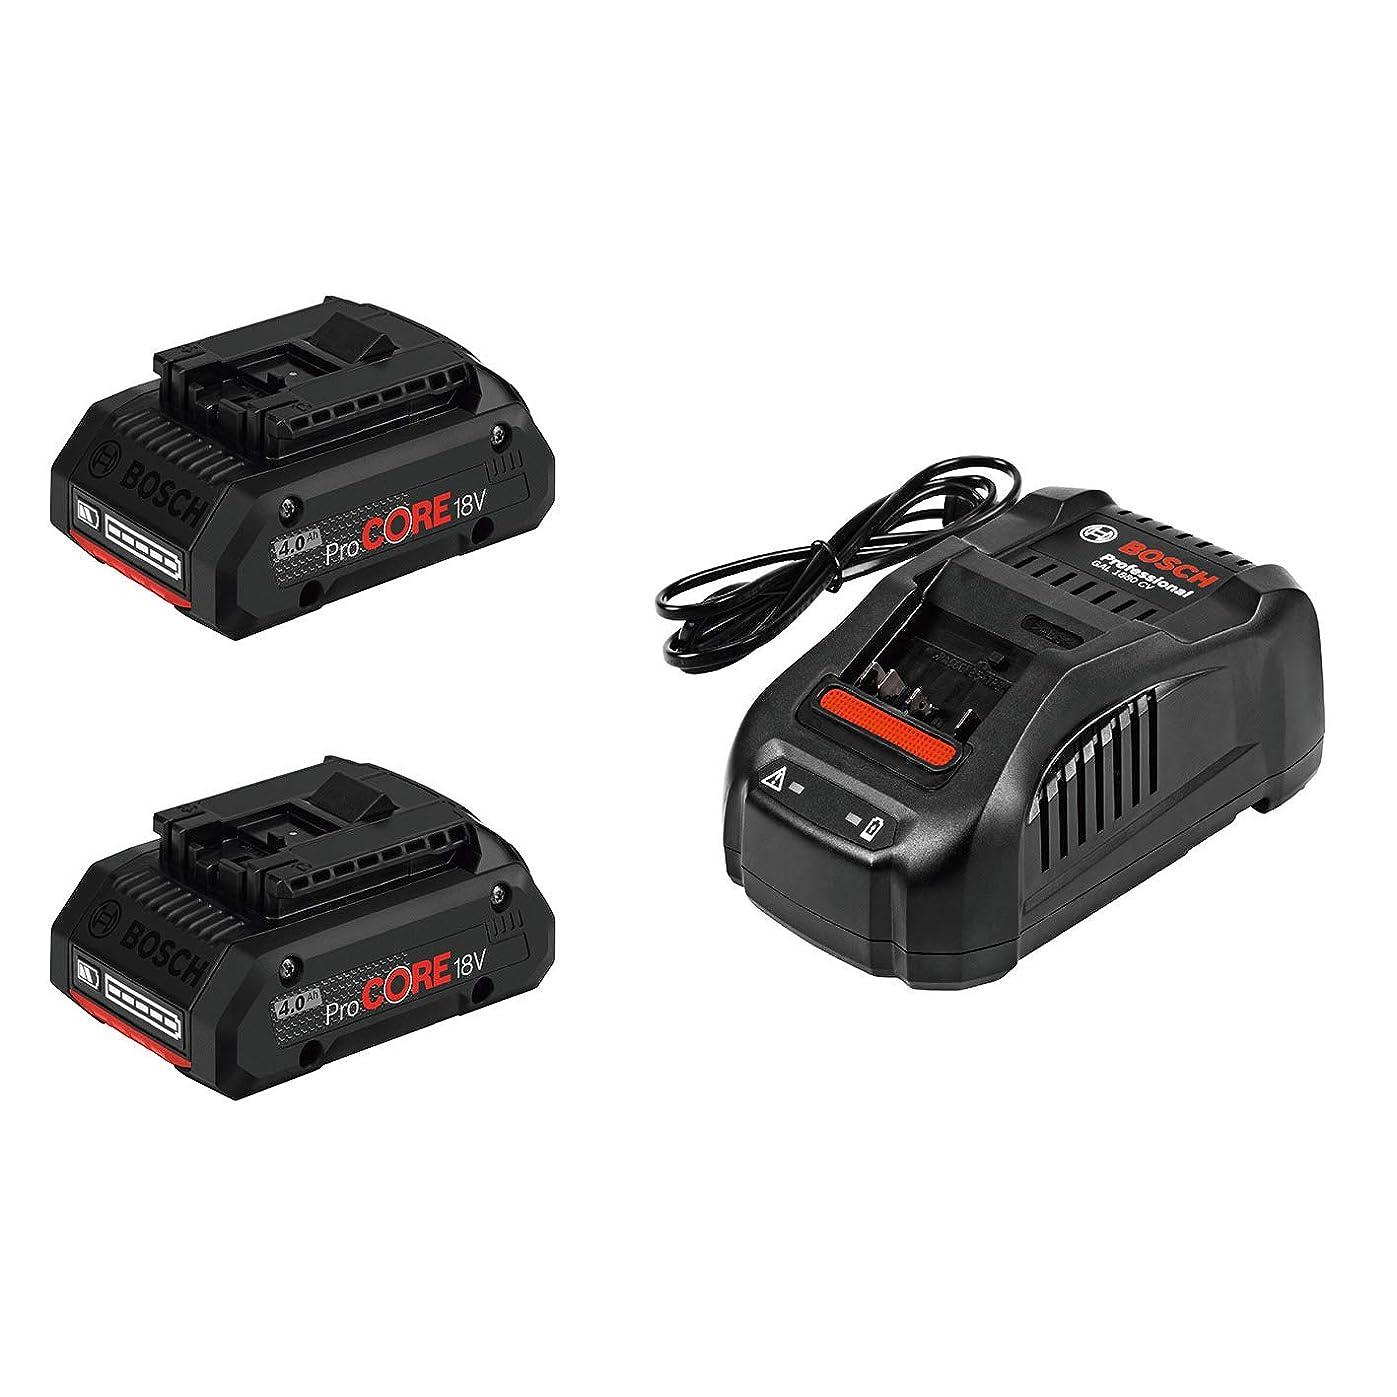 実験室備品キャベツボッシュ(BOSCH) 18V4.0Ah ProCOREバッテリー&充電器セット ProCORE18V4S2